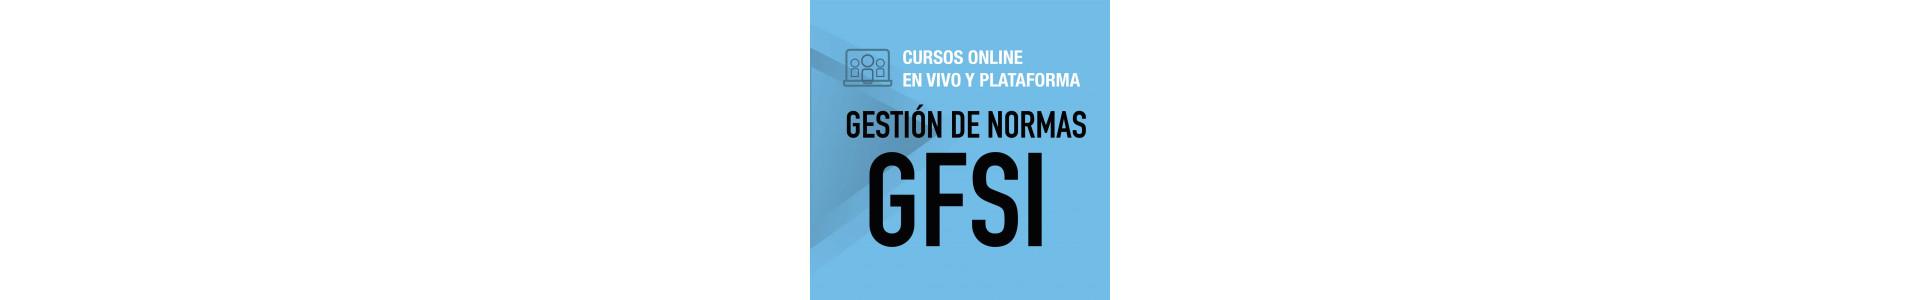 Cursos online | Gestión de normas GFSI